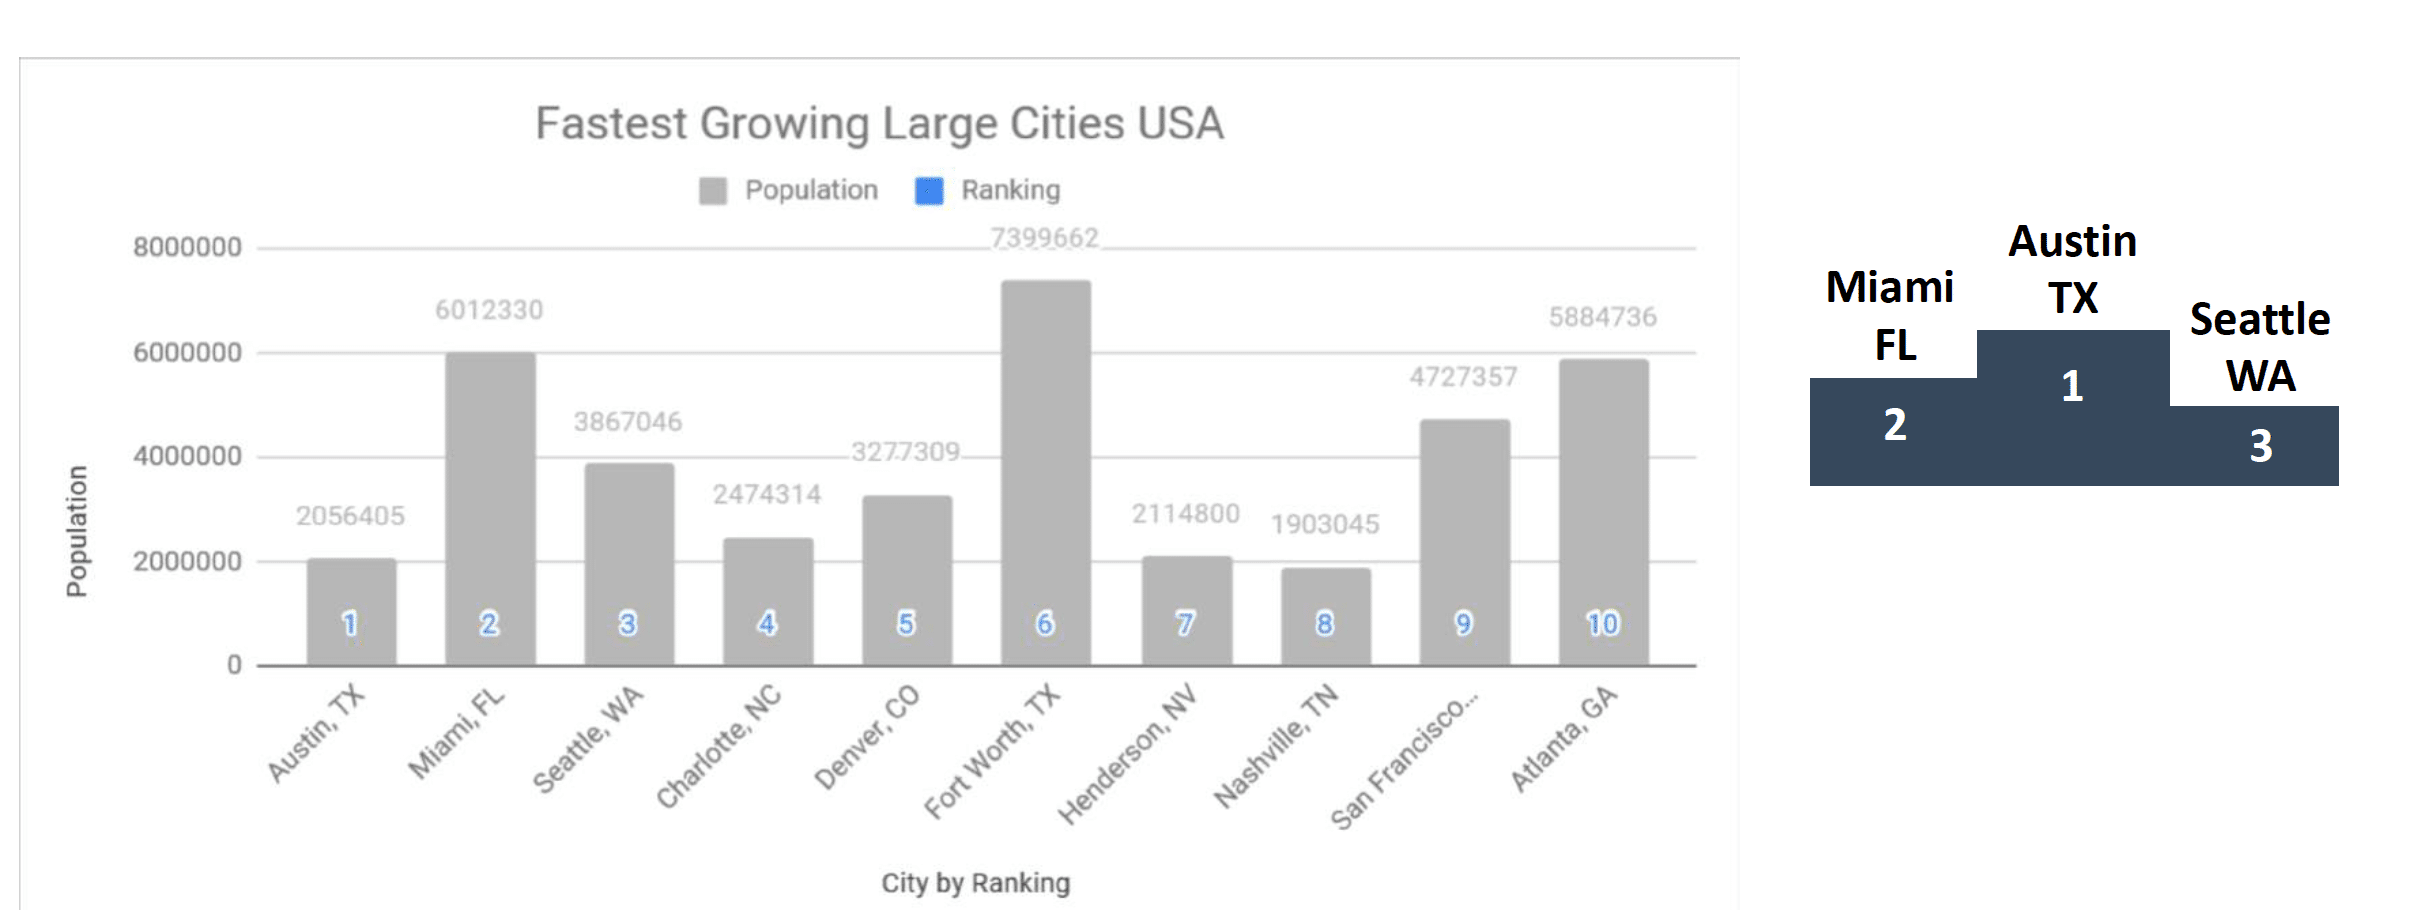 Quelle clientèle ciblée aux USA ?